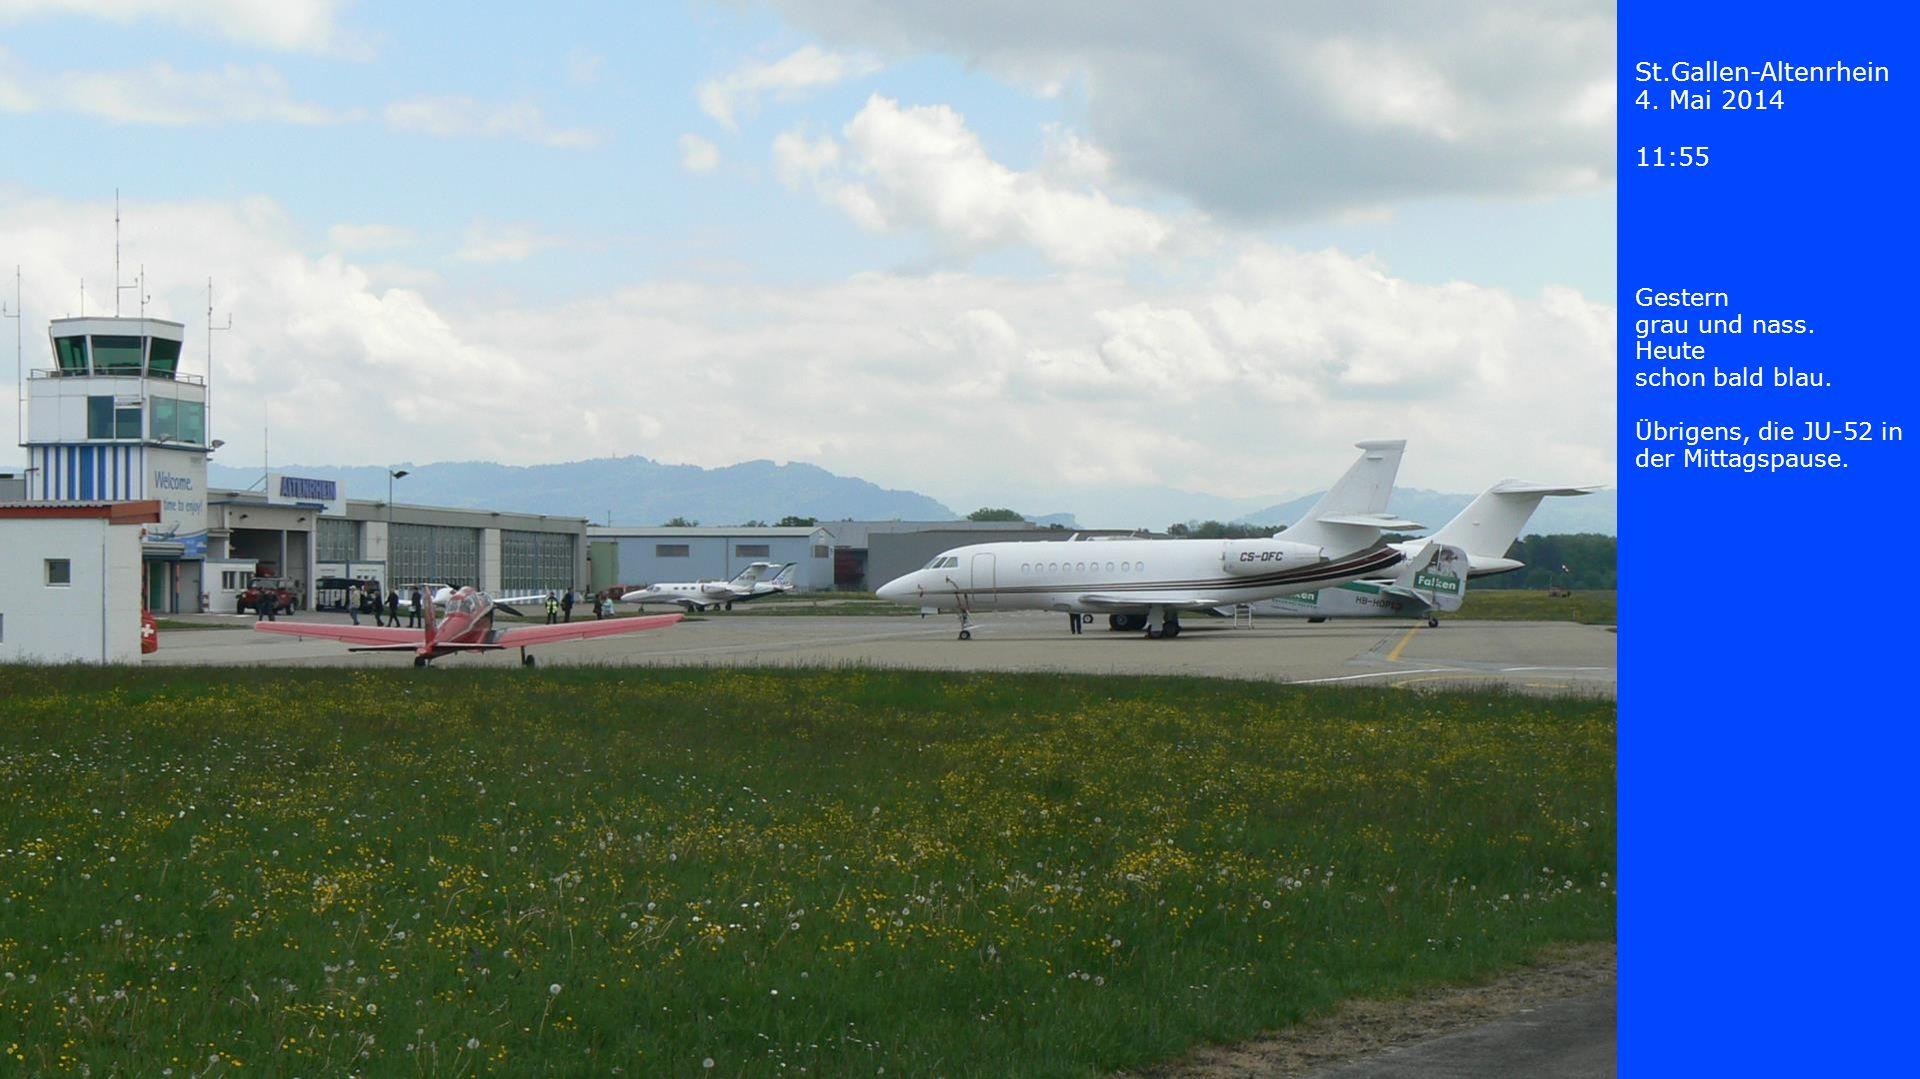 St.Gallen-Altenrhein 4. Mai 2014 11:55 Gestern grau und nass. Heute schon bald blau. Übrigens, die JU-52 in der Mittagspause.